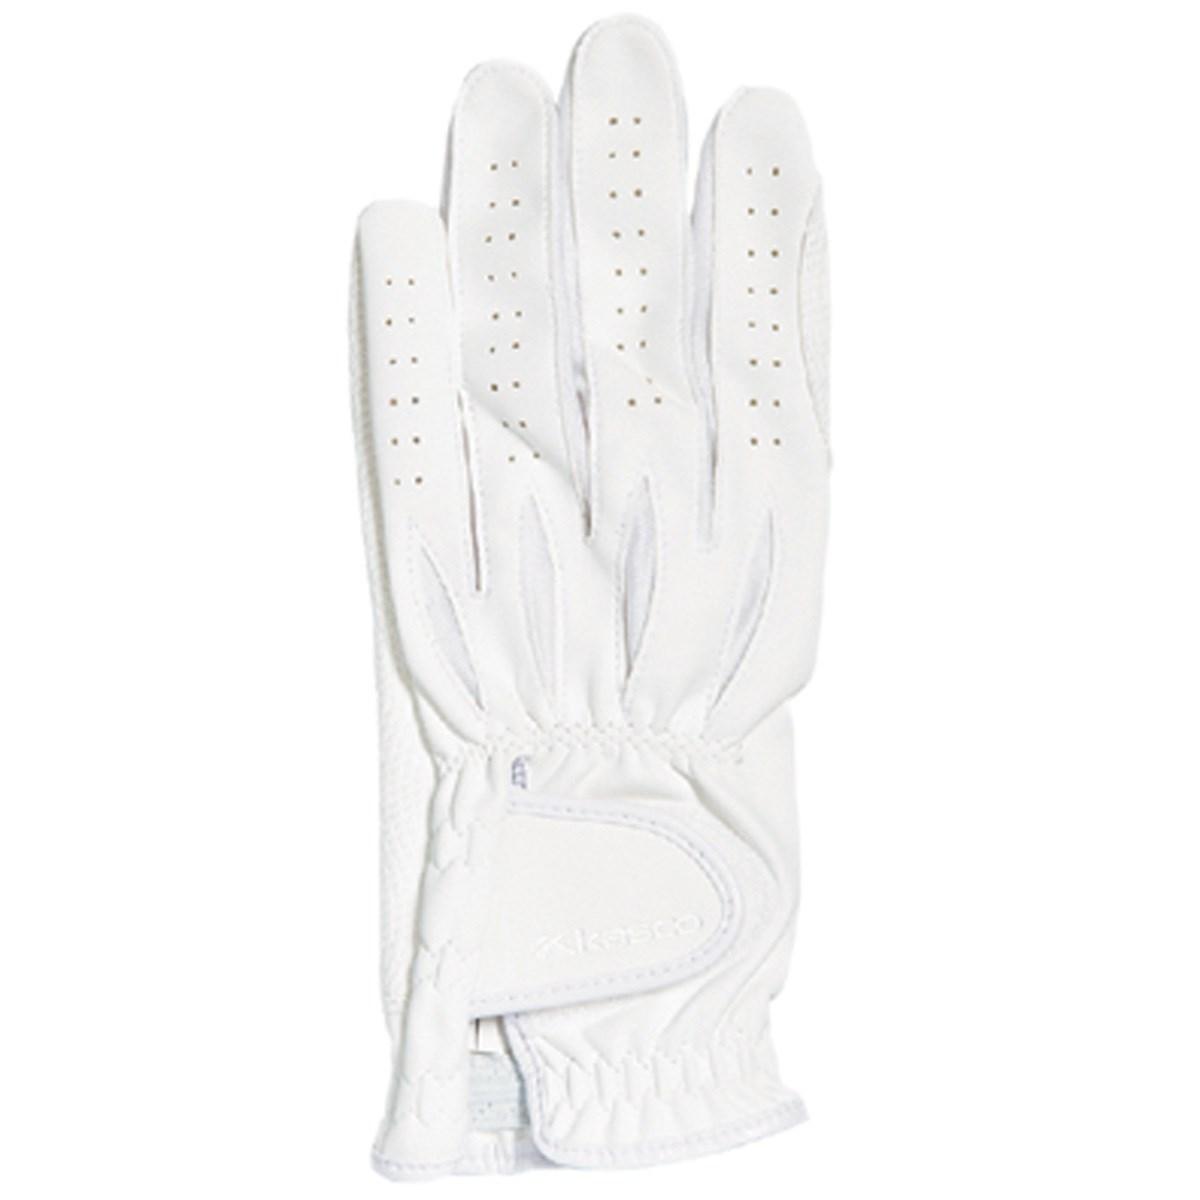 キャスコ KASCO パレットグローブ S 左手着用(右利き用) ホワイト